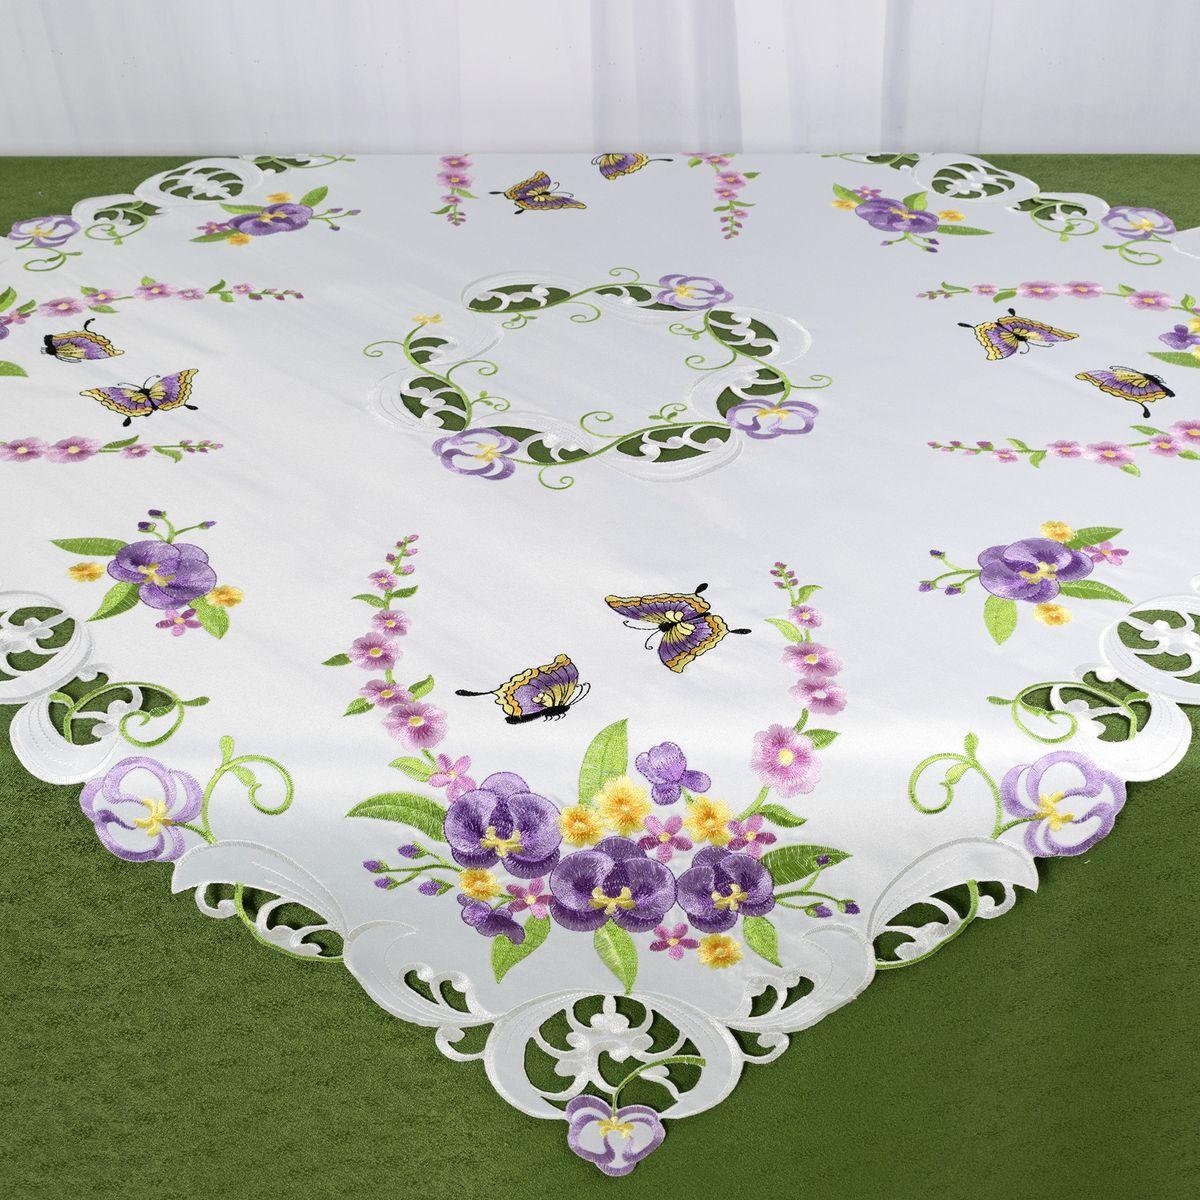 Скатерть Schaefer, квадратная, цвет: белый, 85 x 85 см. 07745-10007745-100Стильная скатерть Schaefer, выполненная из полиэстера, украшена вышивкой. Вышивка дает эффект объема за счет направления стежков при вышивании.Изделия из полиэстера легко стирать: они не мнутся, не садятся и быстро сохнут, они более долговечны, чем изделия из натуральных волокон.Немецкая компания Schaefer создана в 1921 году. На протяжении всего времени существования она создает уникальные коллекции домашнего текстиля для гостиных, спален, кухонь и ванных комнат. Дизайнерские идеи немецких художников компании Schaefer воплощаются в текстильных изделиях, которые сделают ваш дом красивее и уютнее и не останутся незамеченными вашими гостями. Дарите себе и близким красоту каждый день!